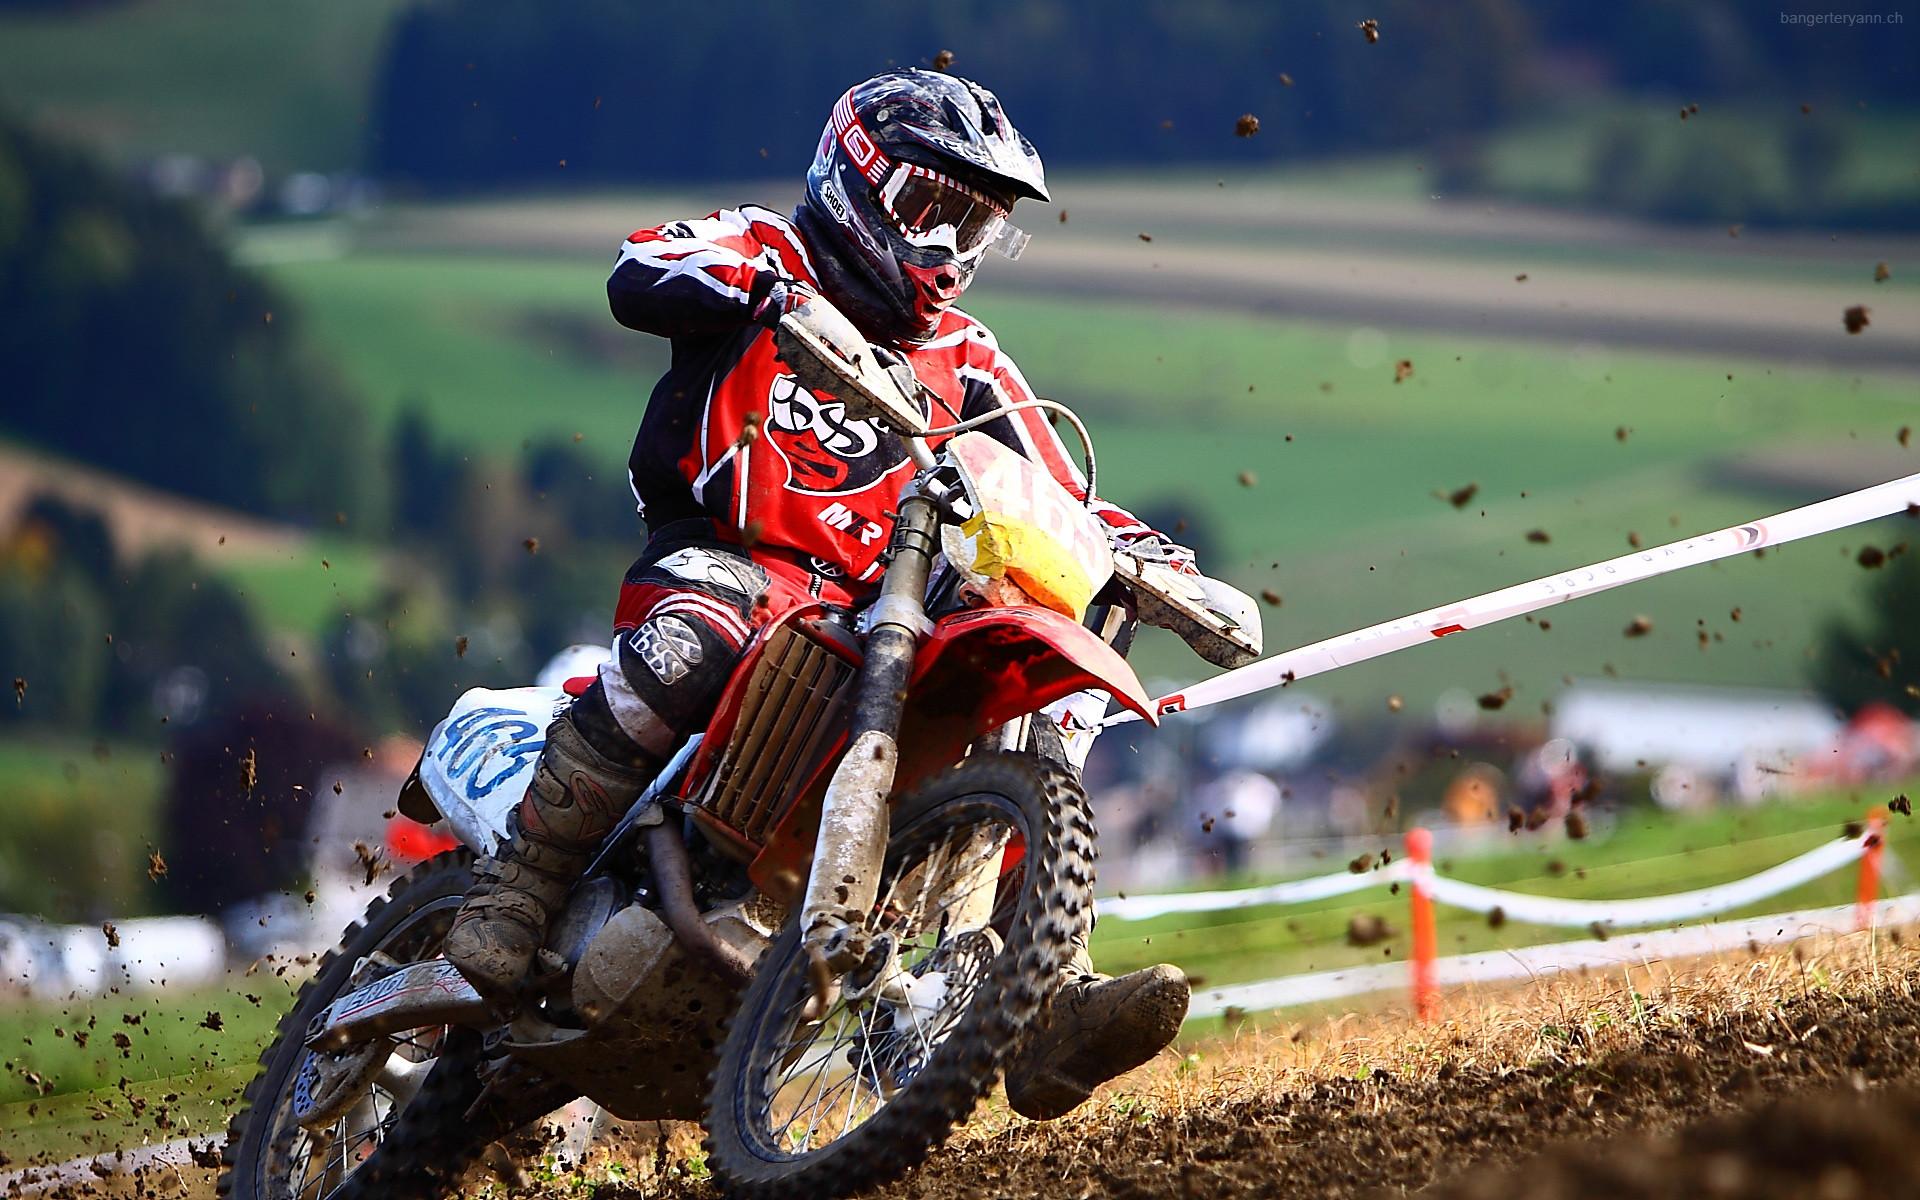 Motocross Wallpaper (78+ images)